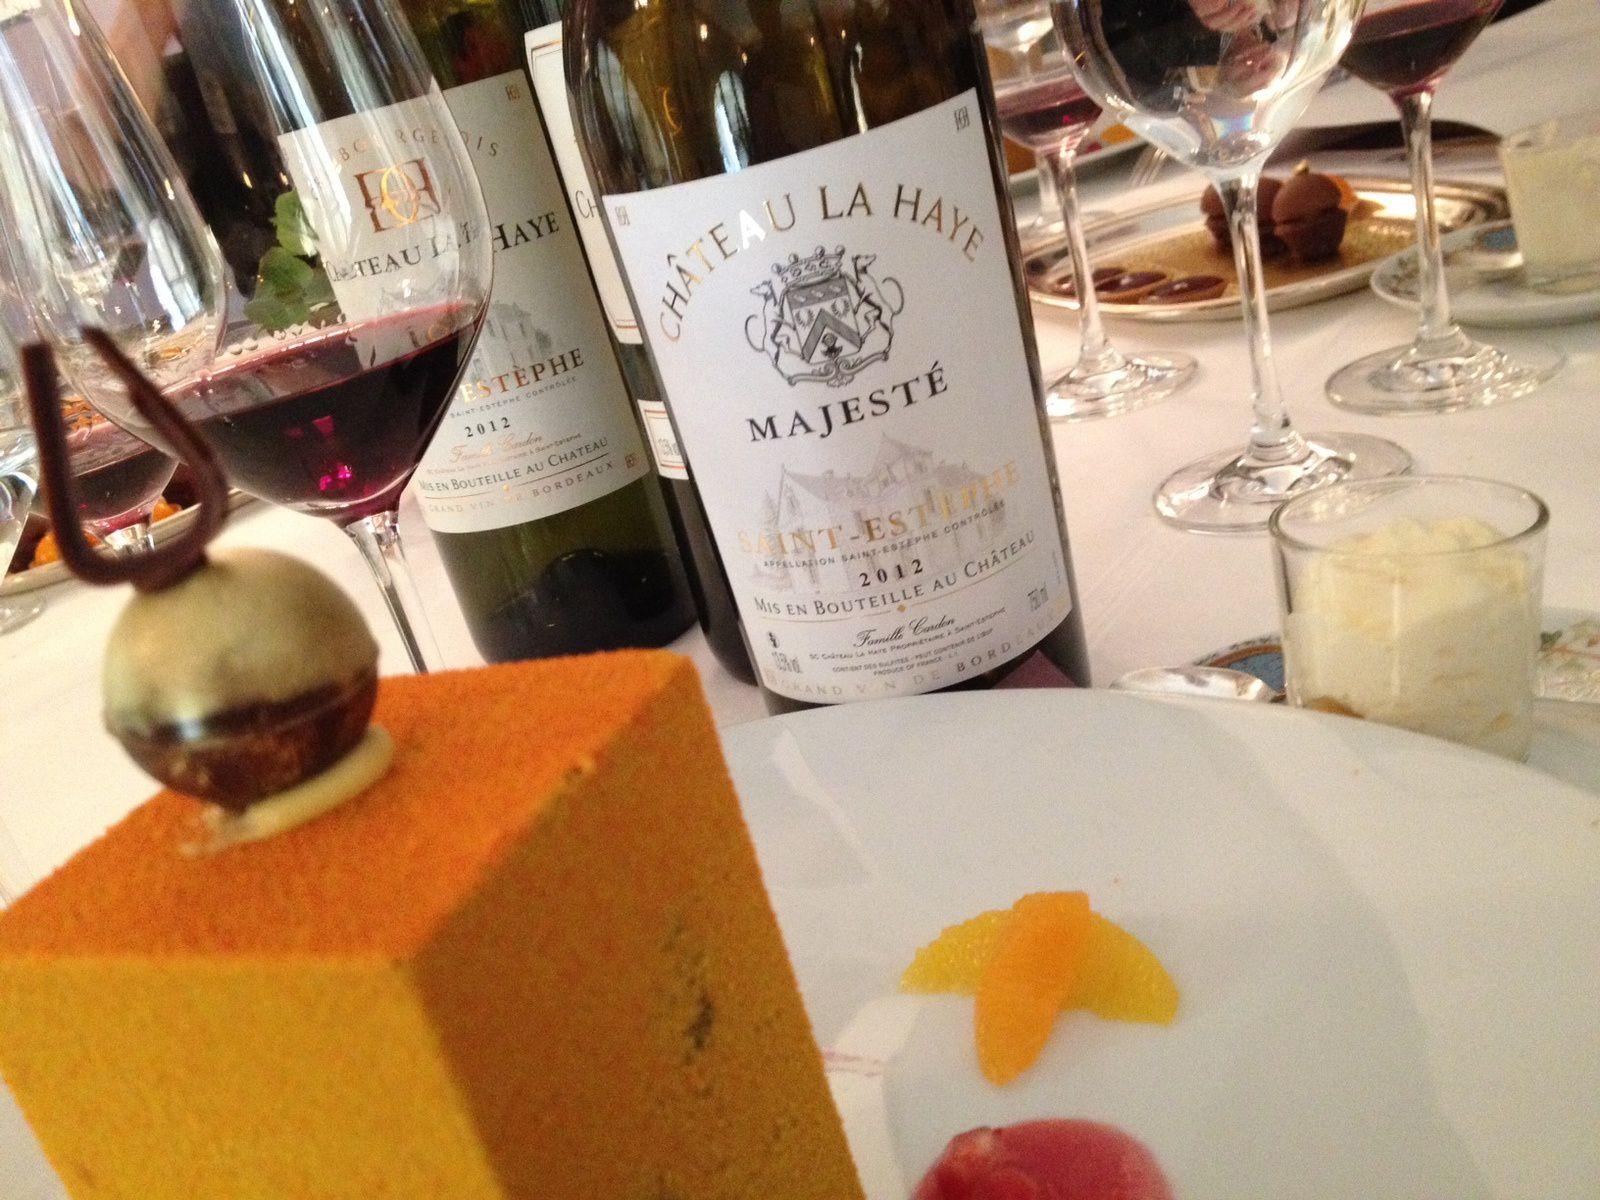 - Le cube manjari ! Un dessert surprise, à casser avec un couteau pour découvrir des quartiers d'orange et un sorbet mandarine.